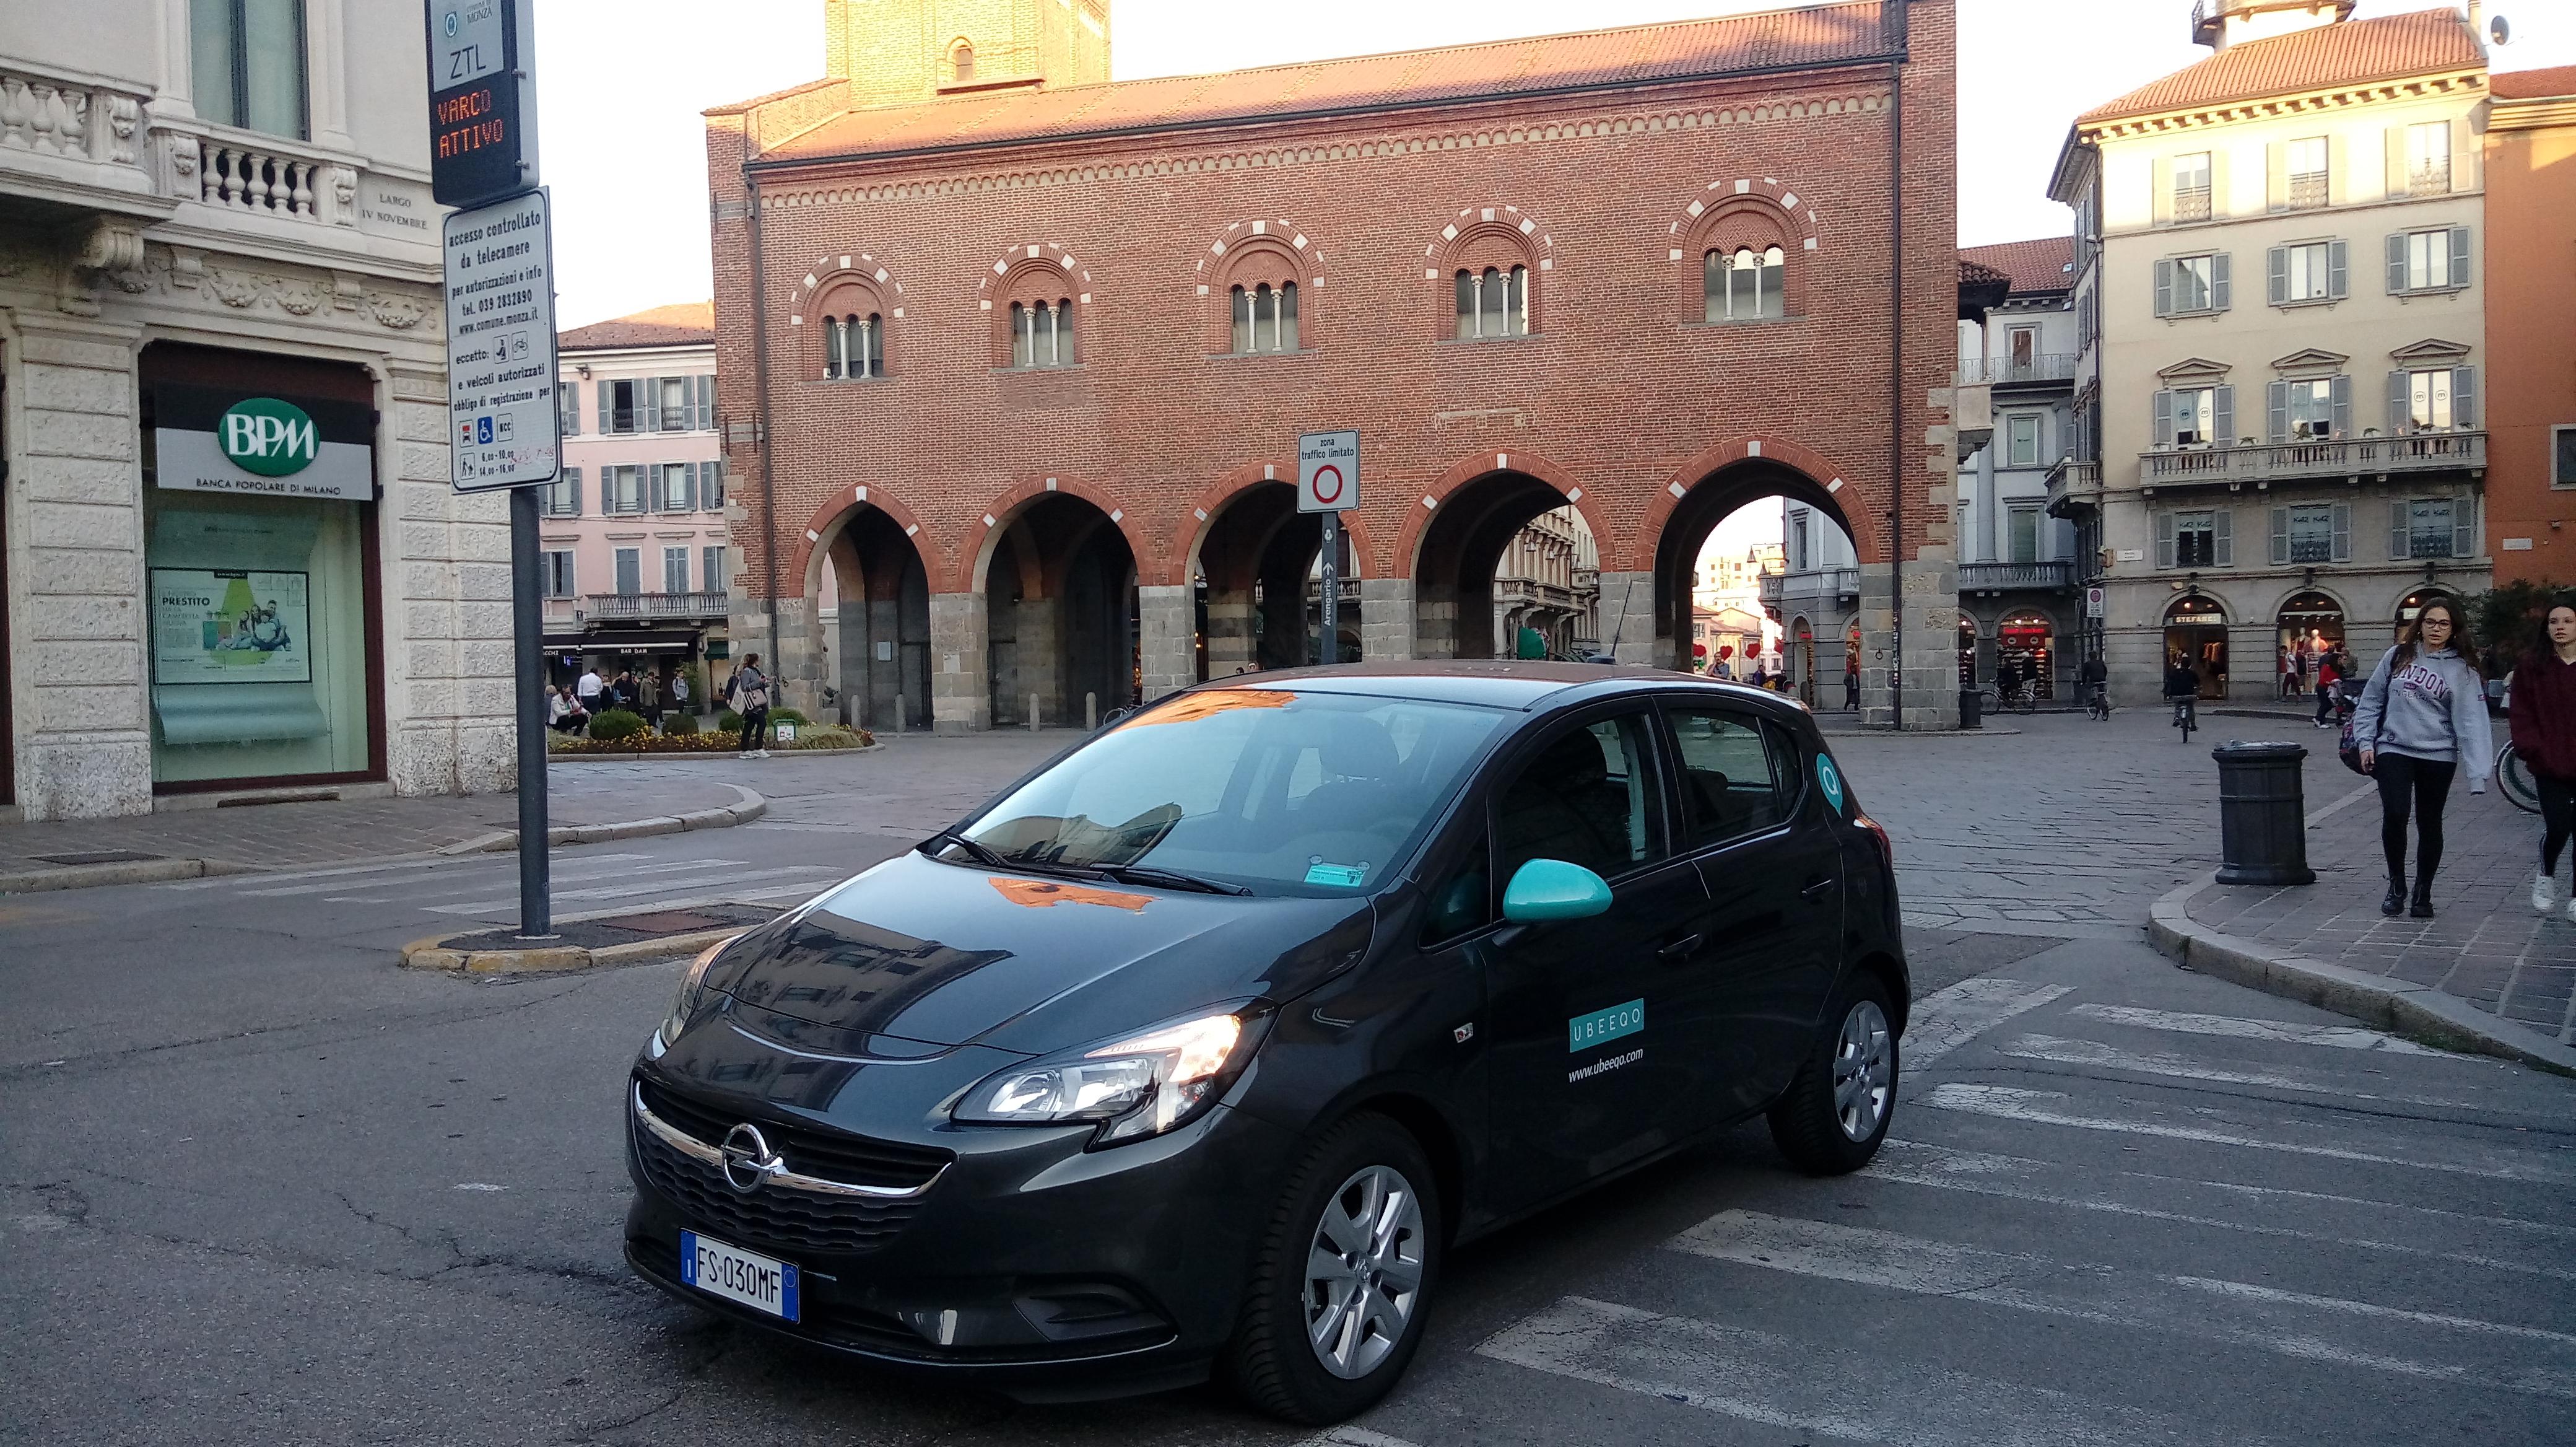 Ubeeqo car sharing station based: tutti i servizi di mobilità condivisa a Milano